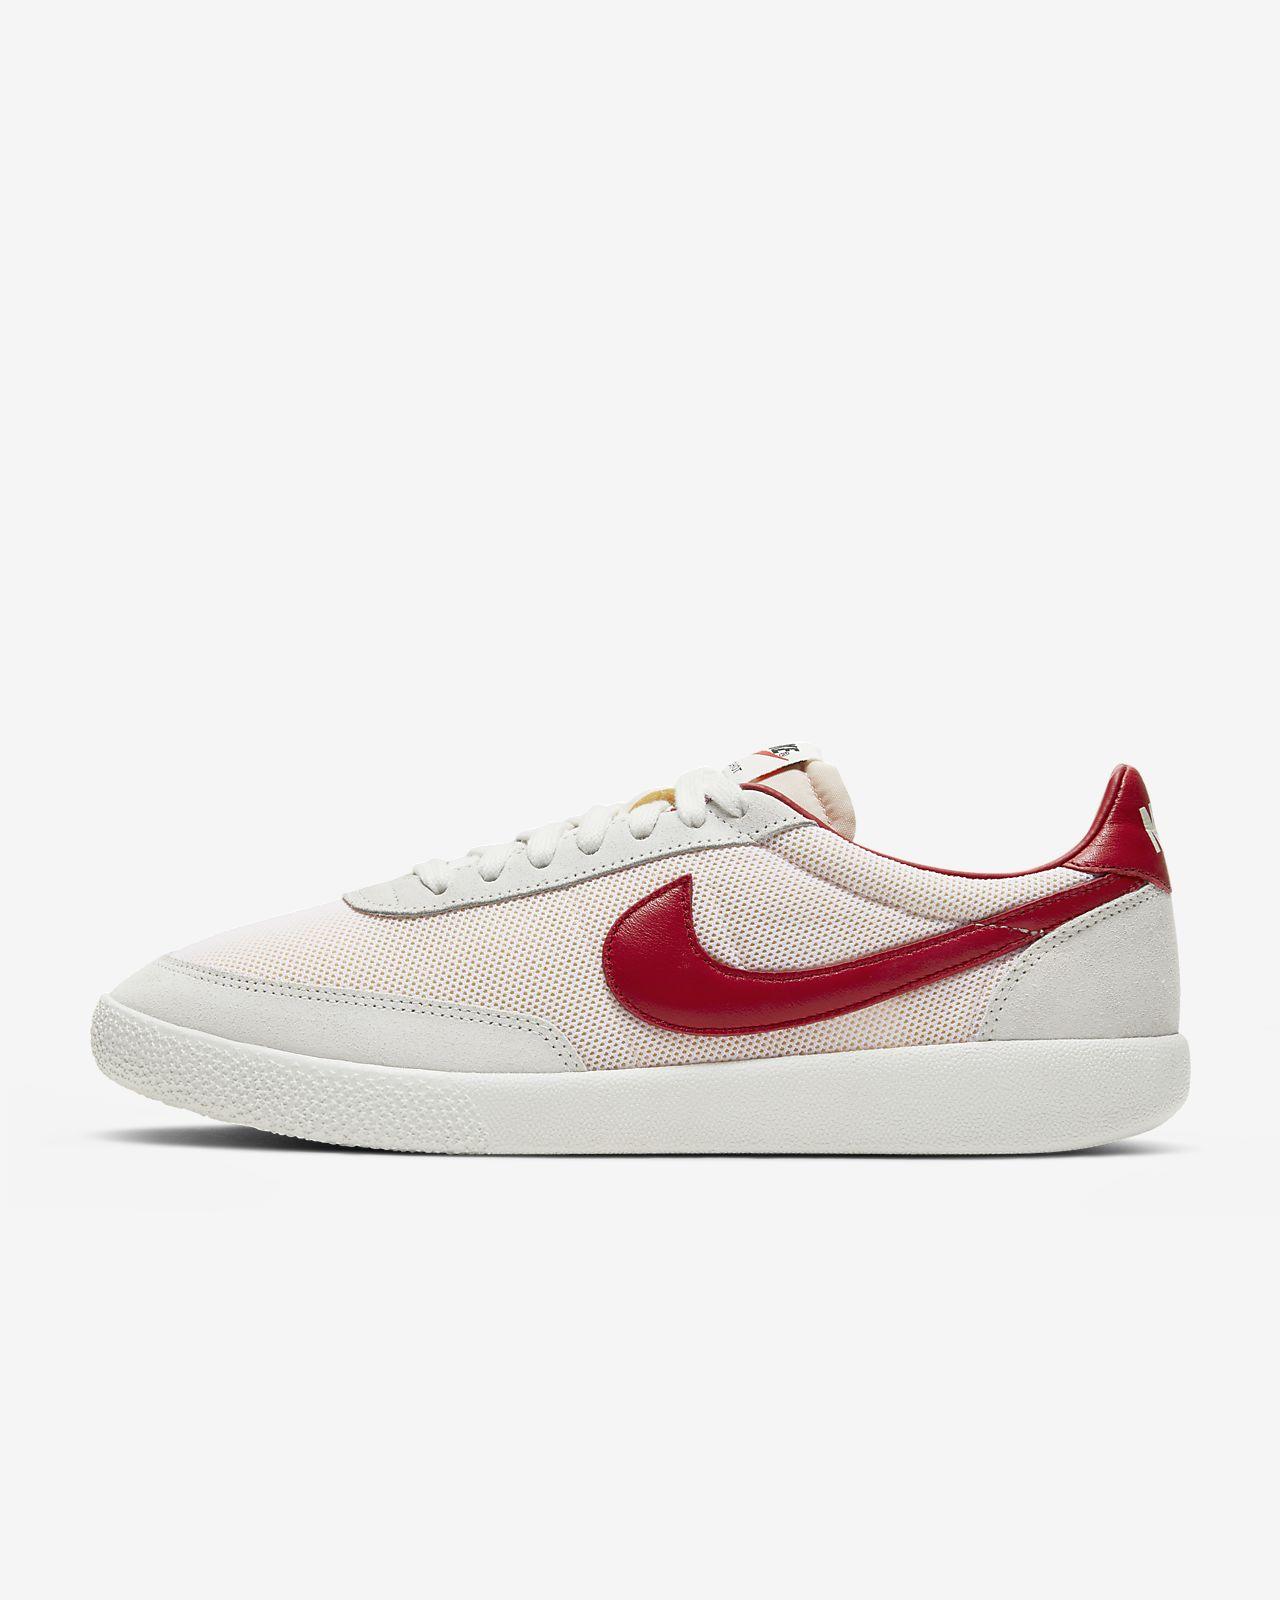 Nike Killshot OG SP 男鞋